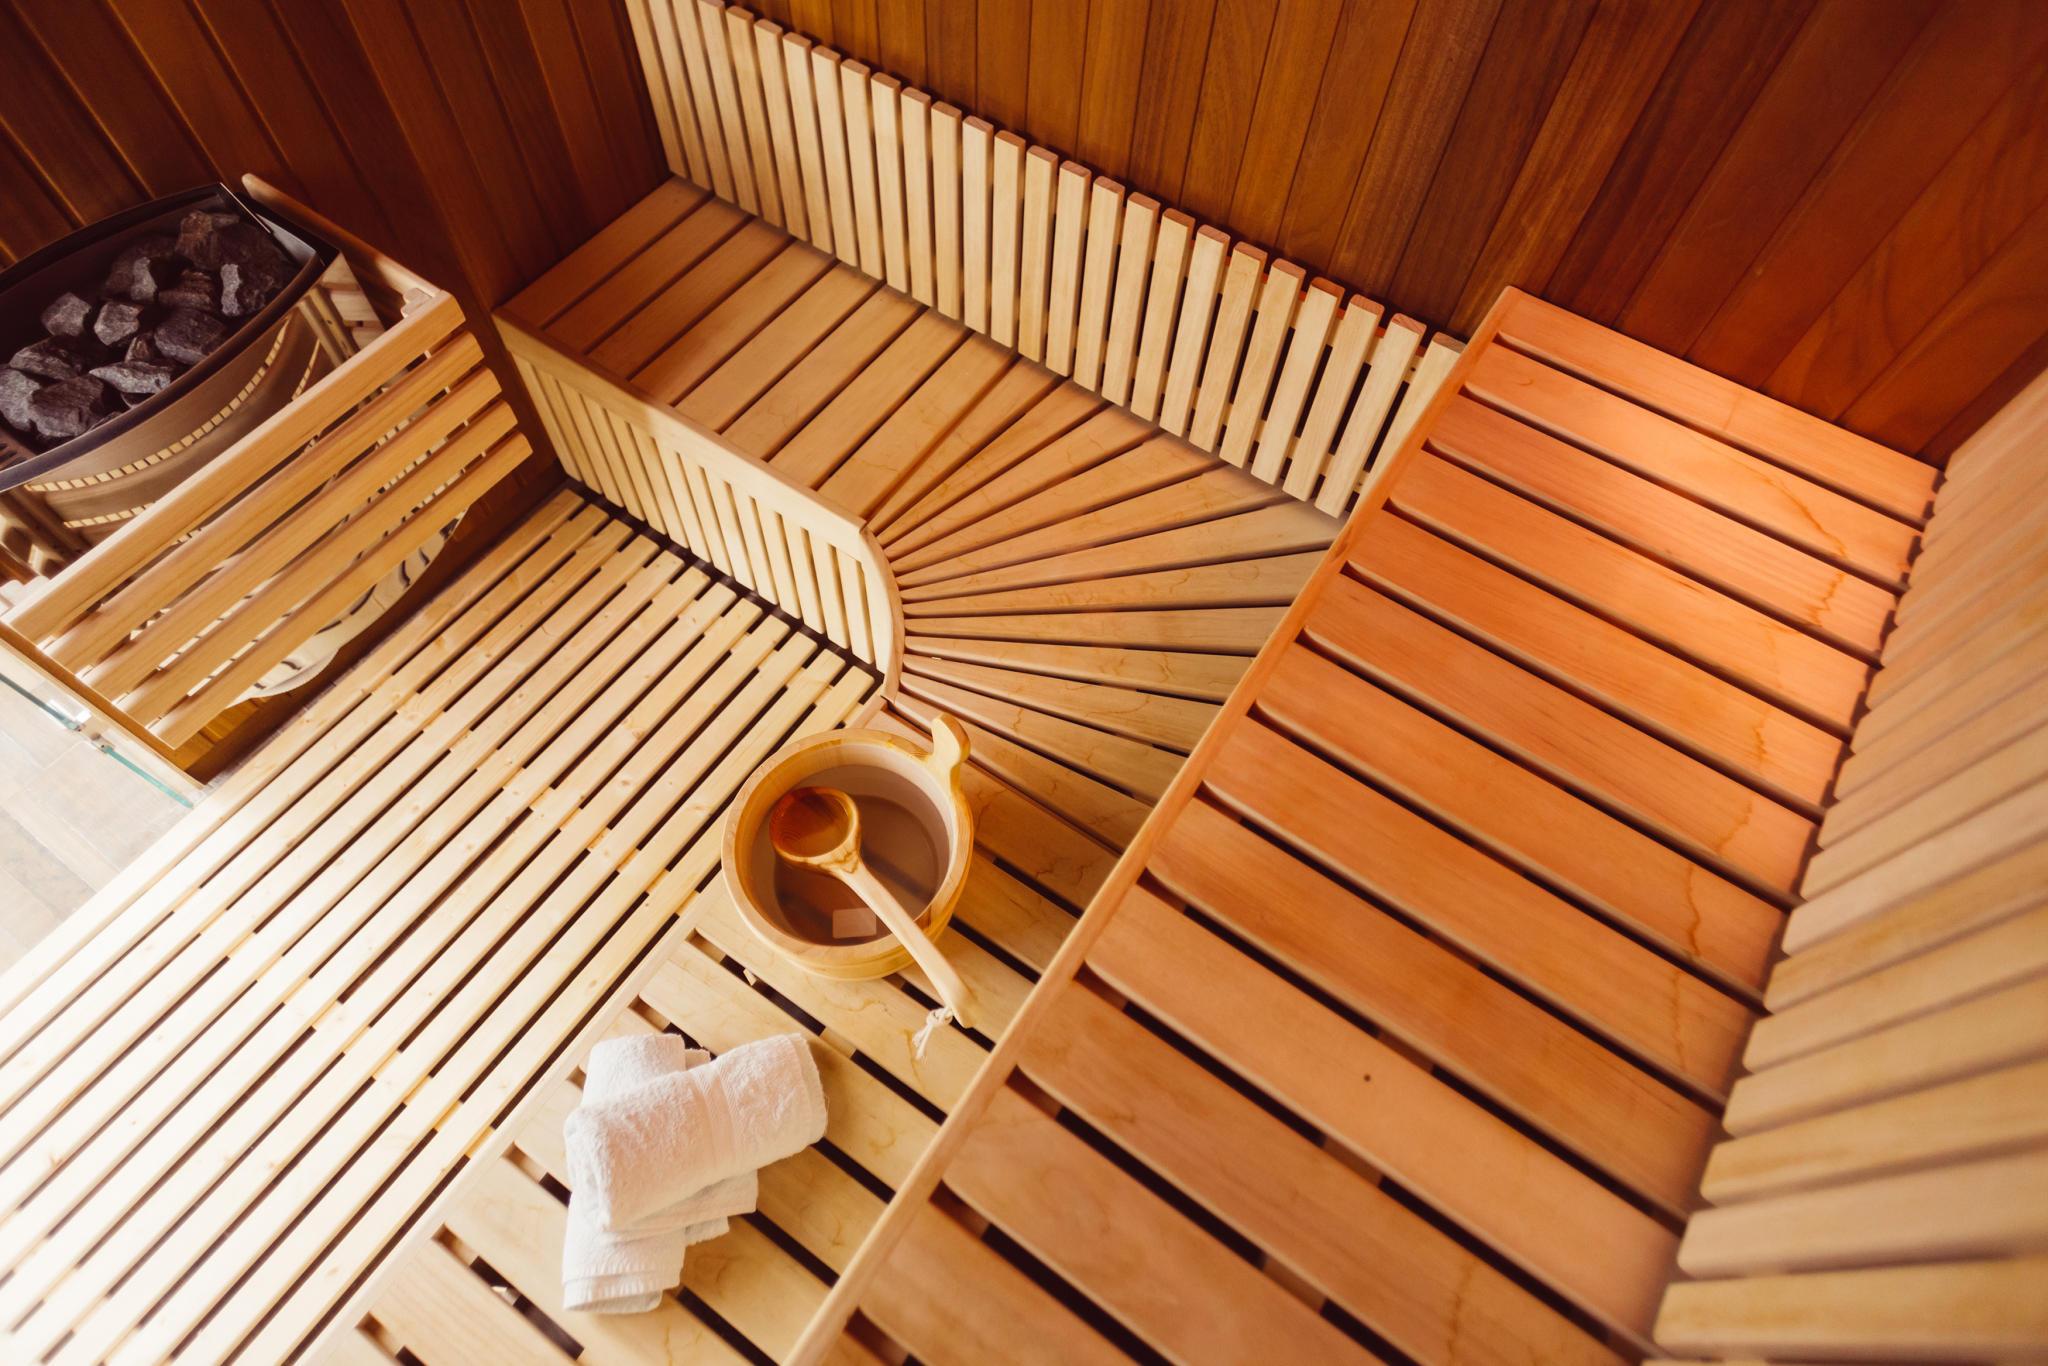 sauna regeln so schwitzen sie richtig. Black Bedroom Furniture Sets. Home Design Ideas